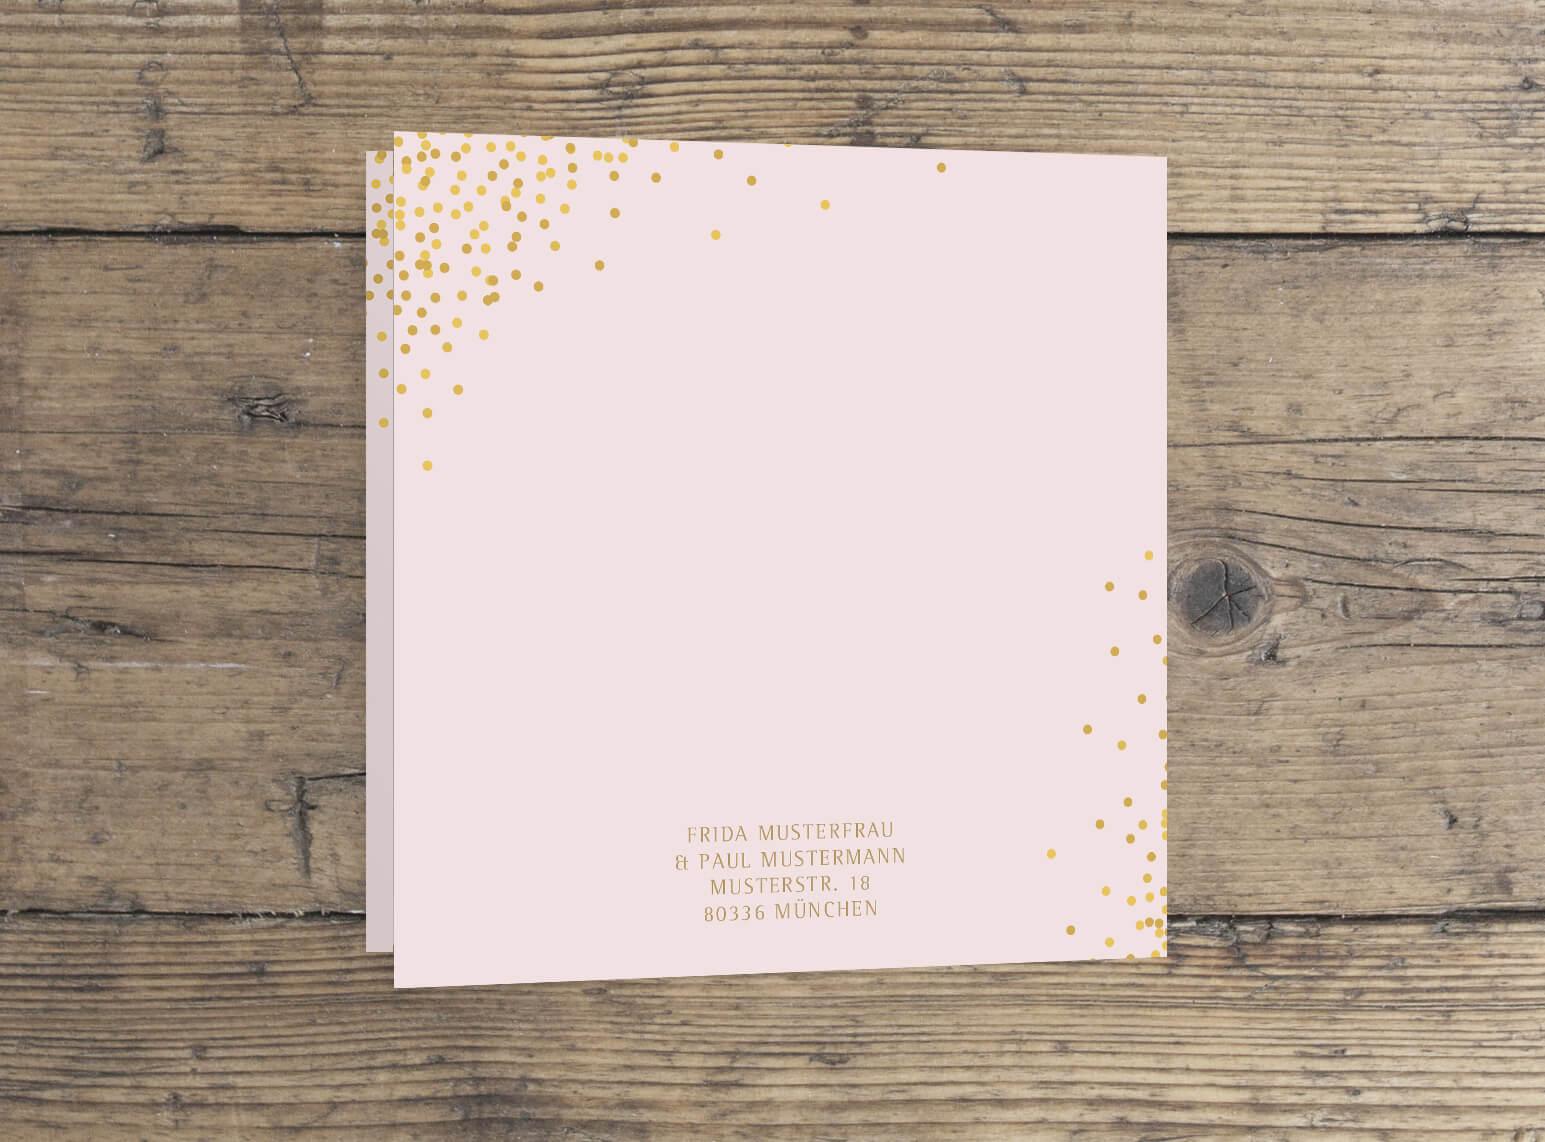 Klappkarte quadrat einladung hochzeit in rosa gold veredelt rückseite